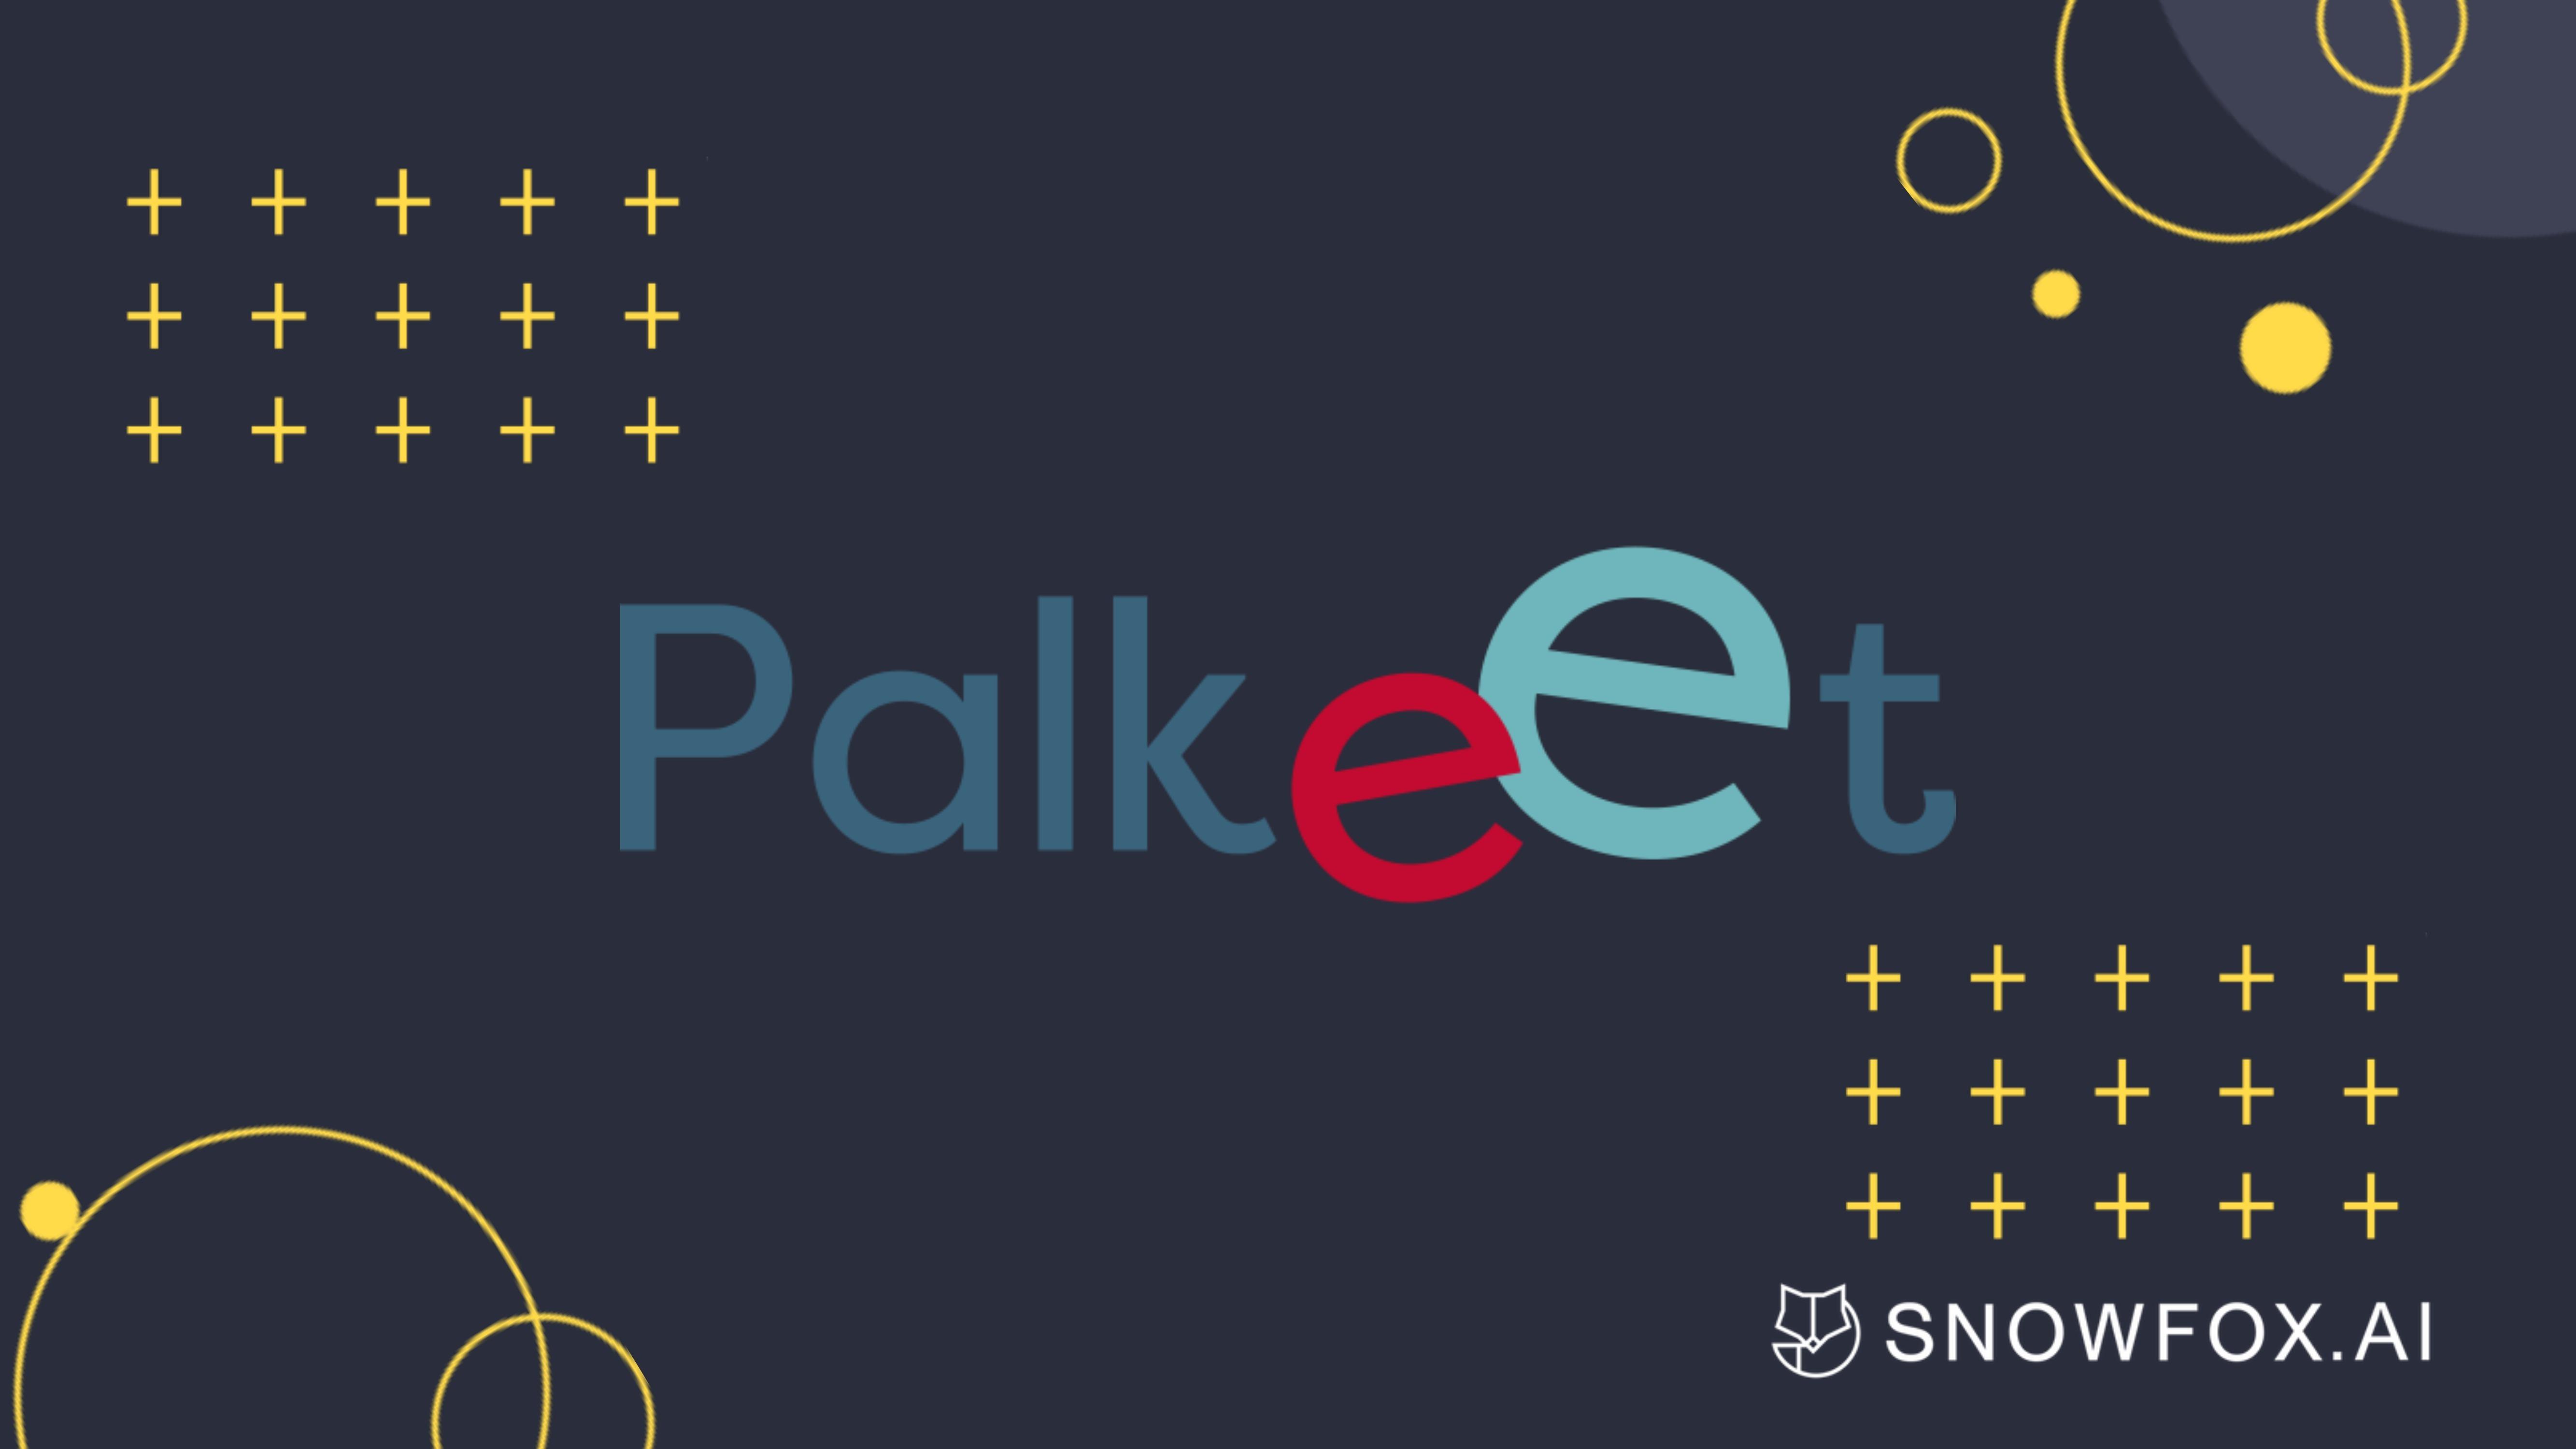 Snowfox.AI - Draft Snowfox Palkeet (5)